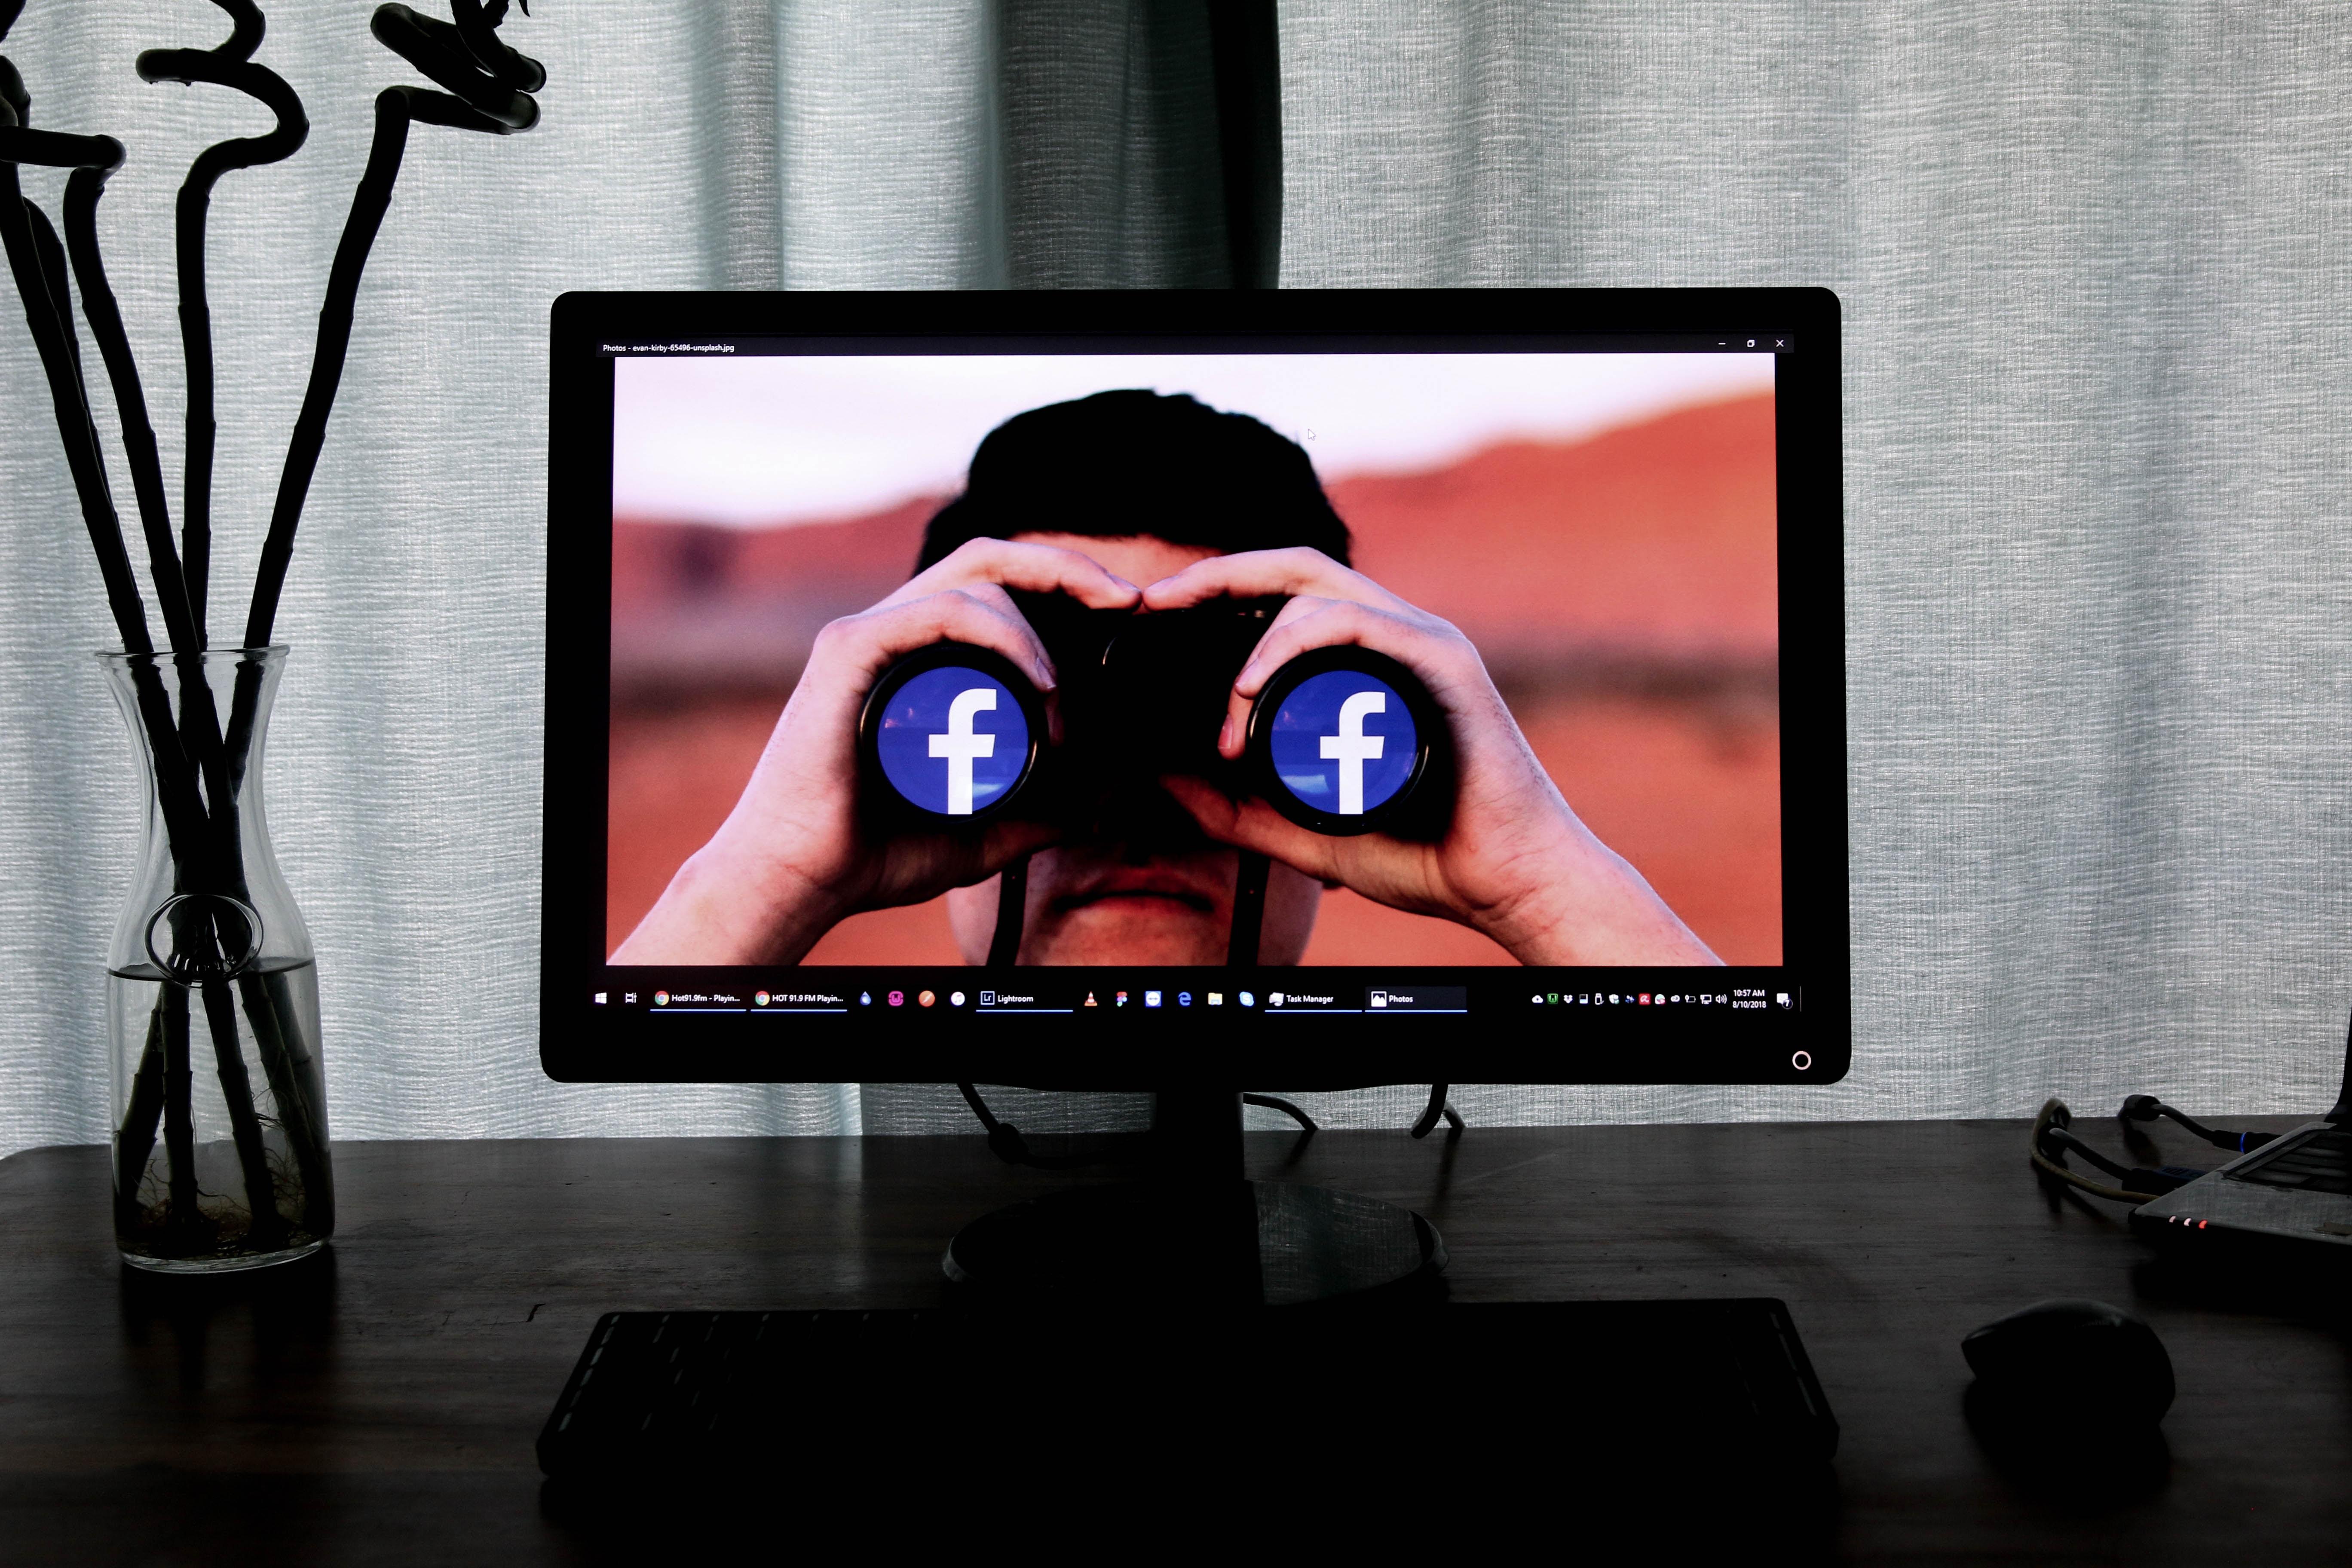 Nouveau moteur de recherche facebook pour influenceurs